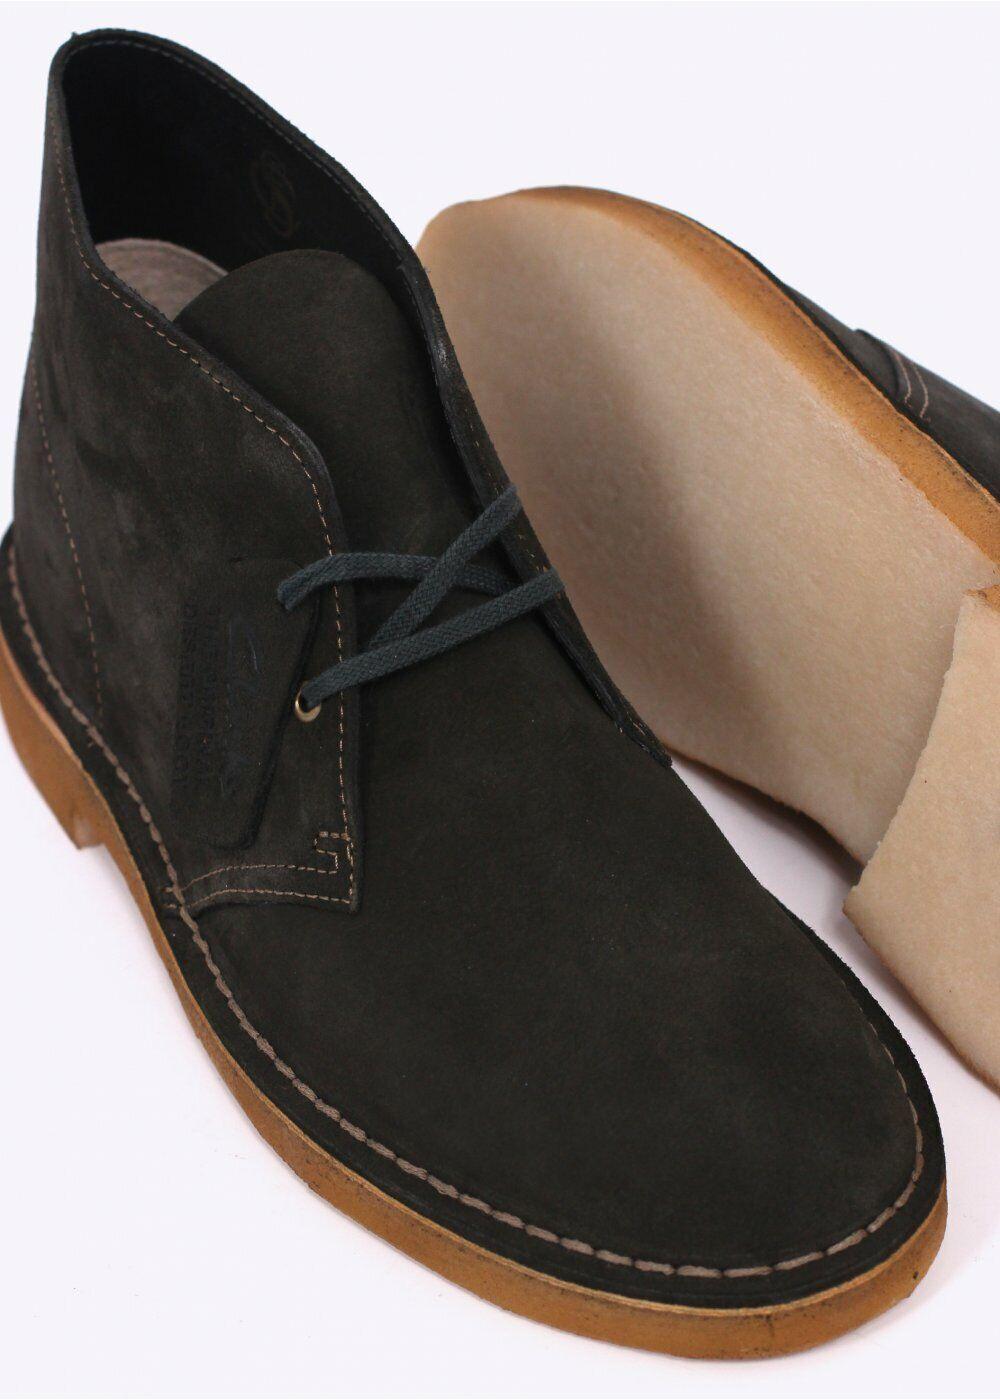 Clarks Desert Stiefel Mens Loden Grün Suede Stiefel in Größe UK9.5 (EU44  US10.5)